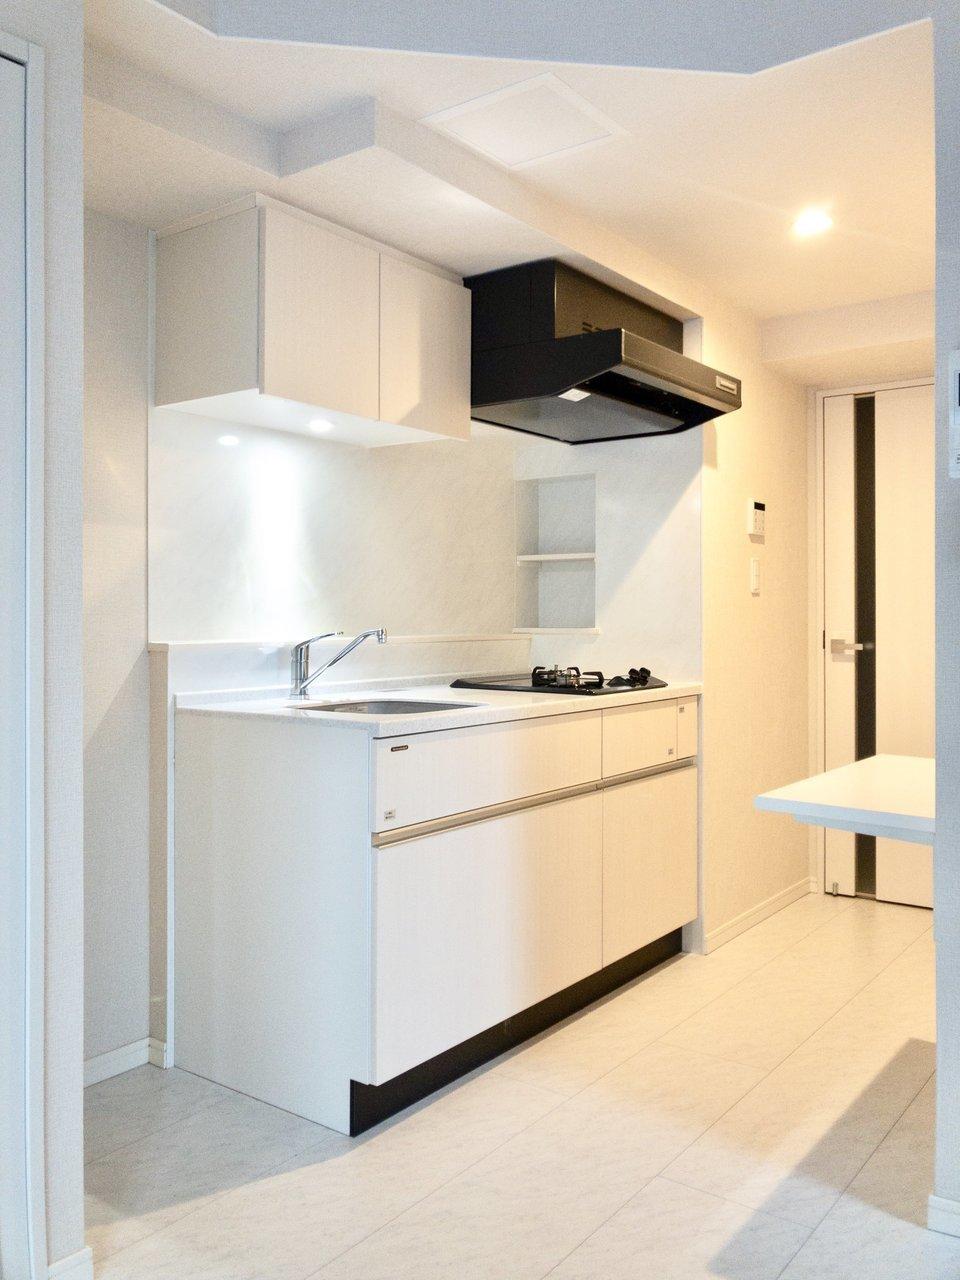 キッチンは2口ガスコンロでカットスペースもあります。後方のカウンターには電子レンジやトースターが置けますよ。